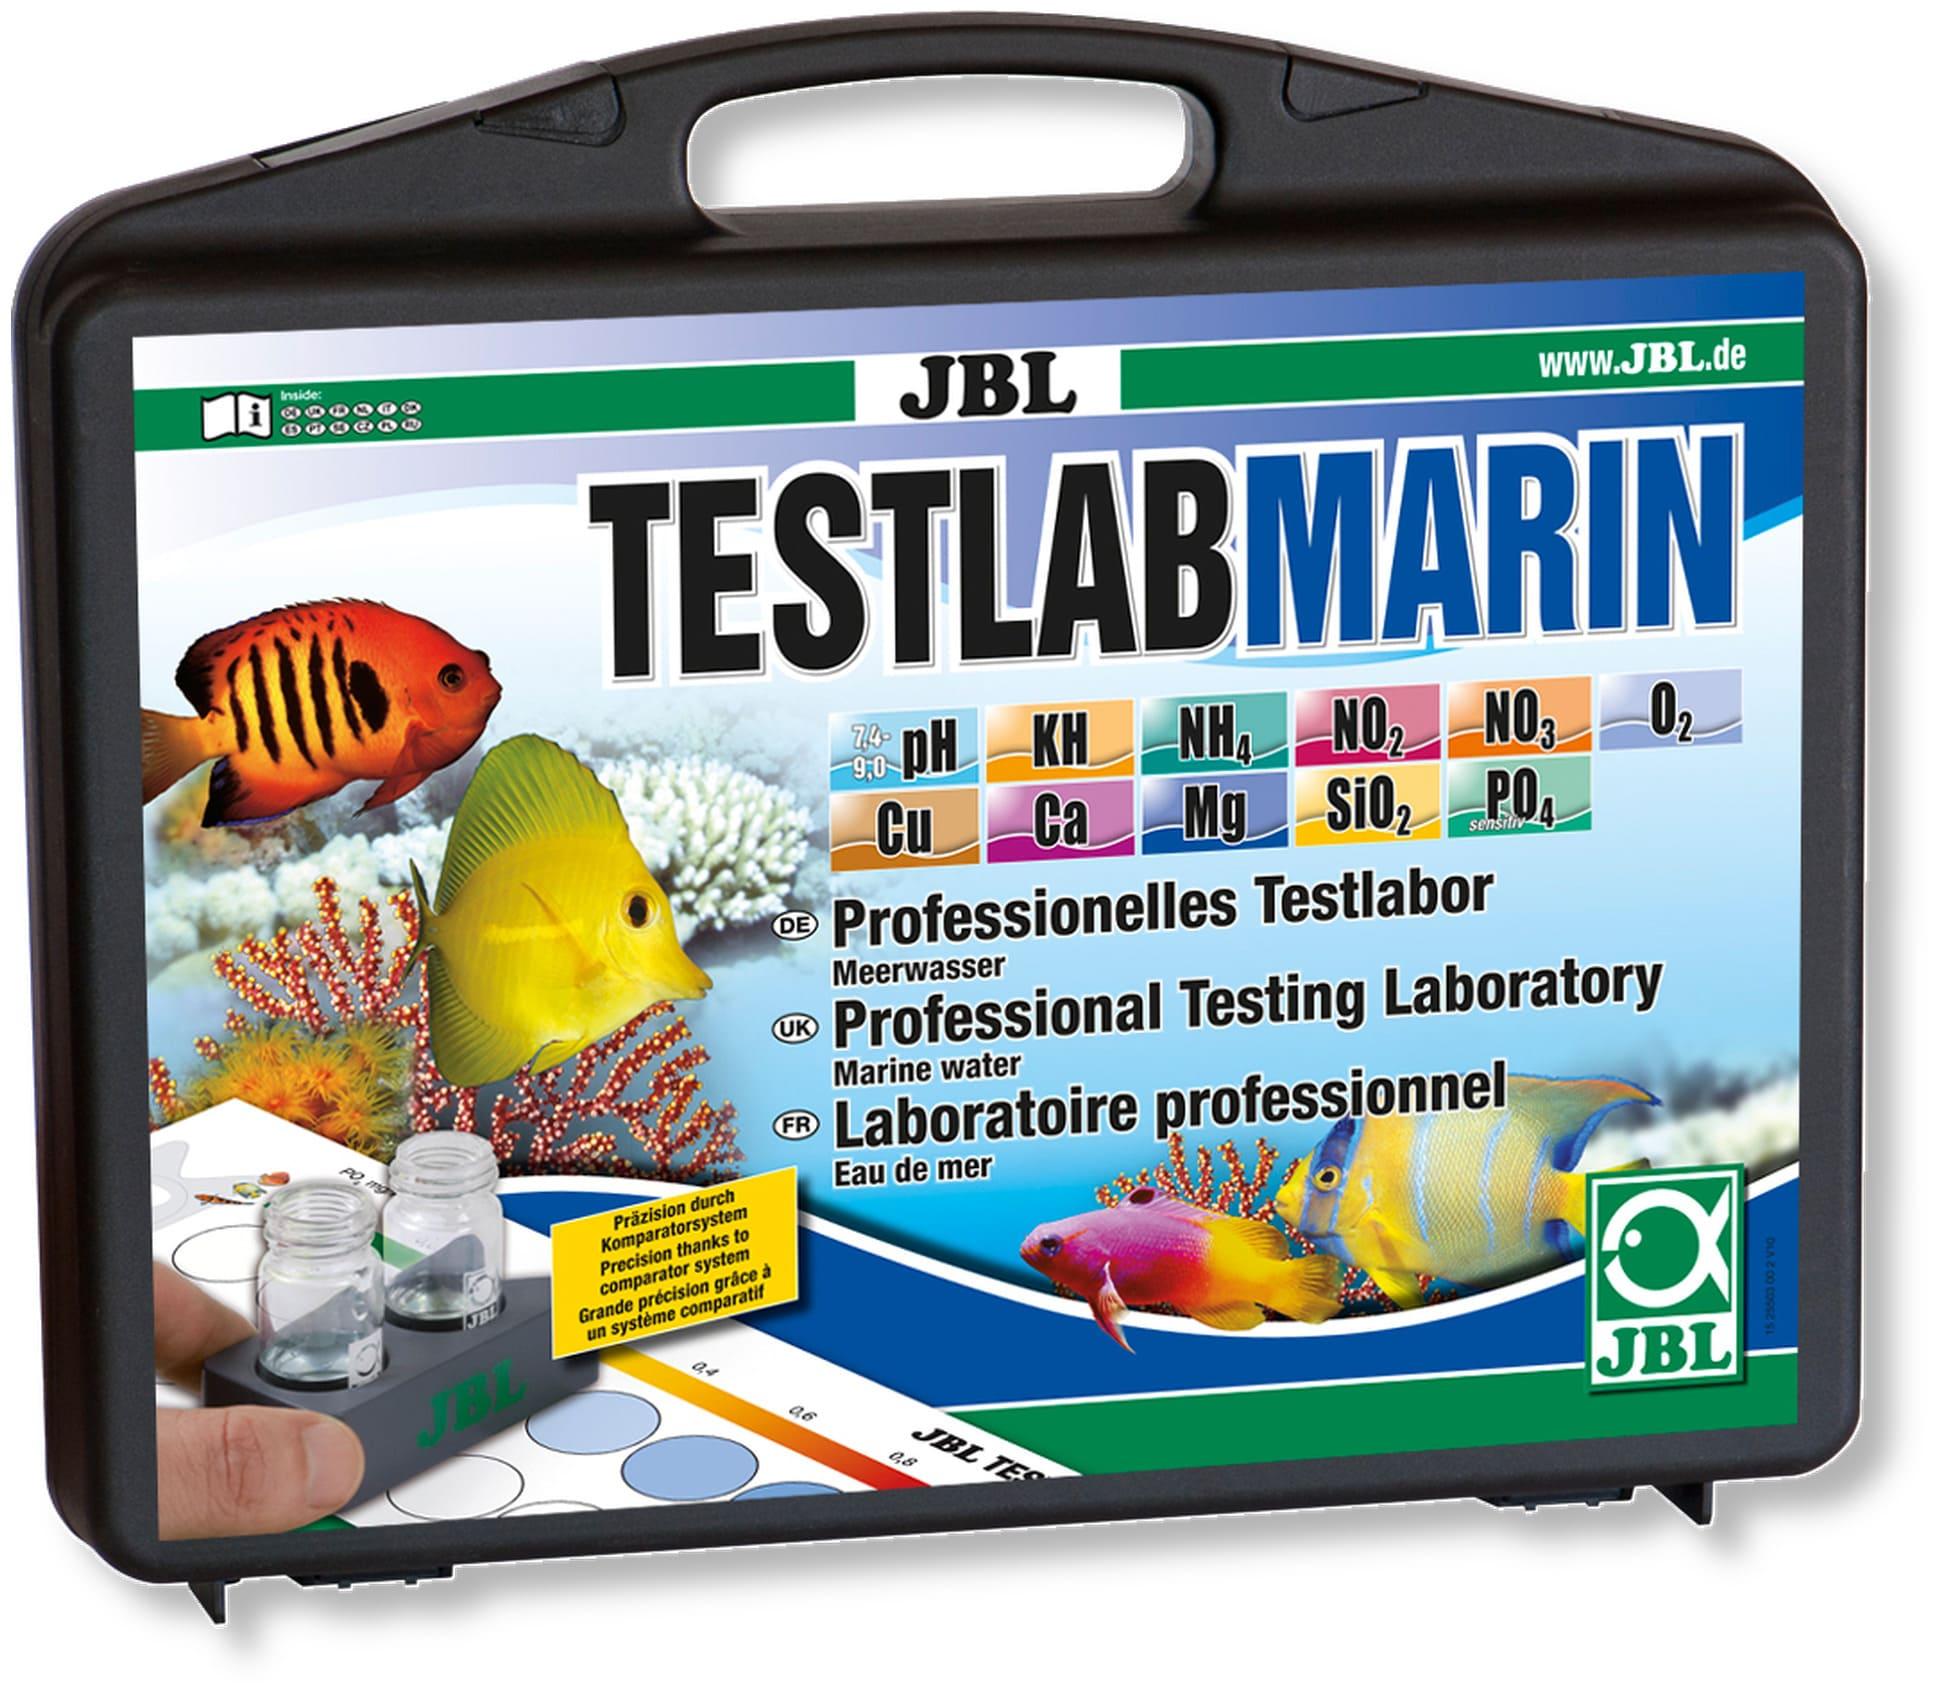 JBL TestLab Marin coffret de test professionnel pour les analyses d\'eau de mer